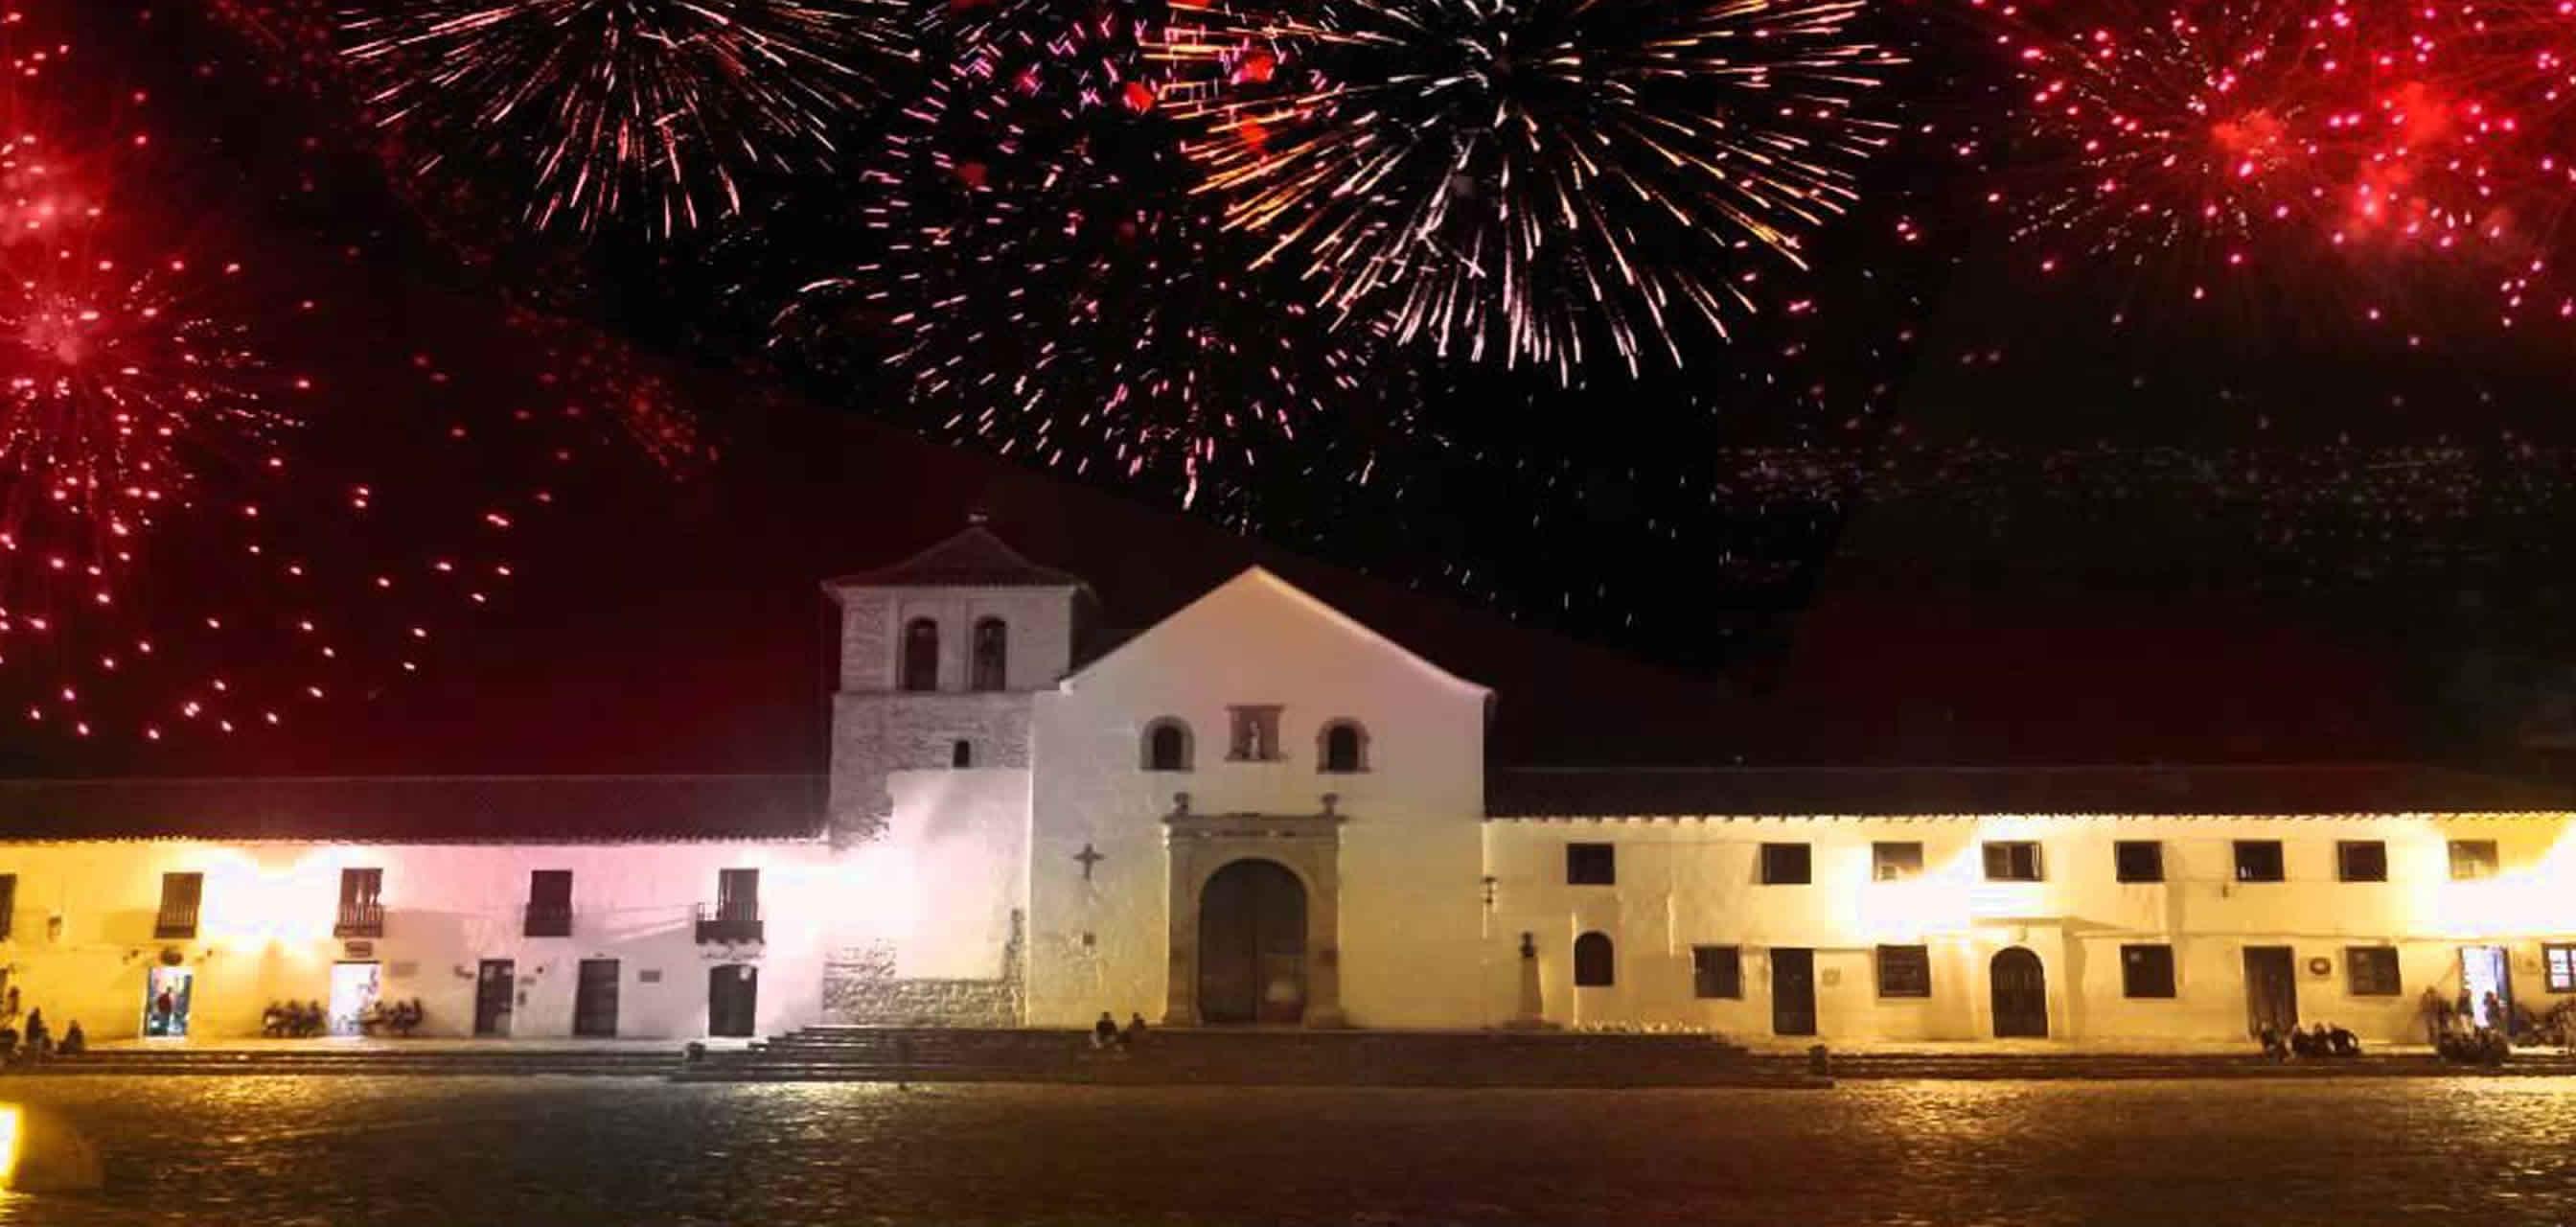 Festival de luces de Villa de Leyva 2015